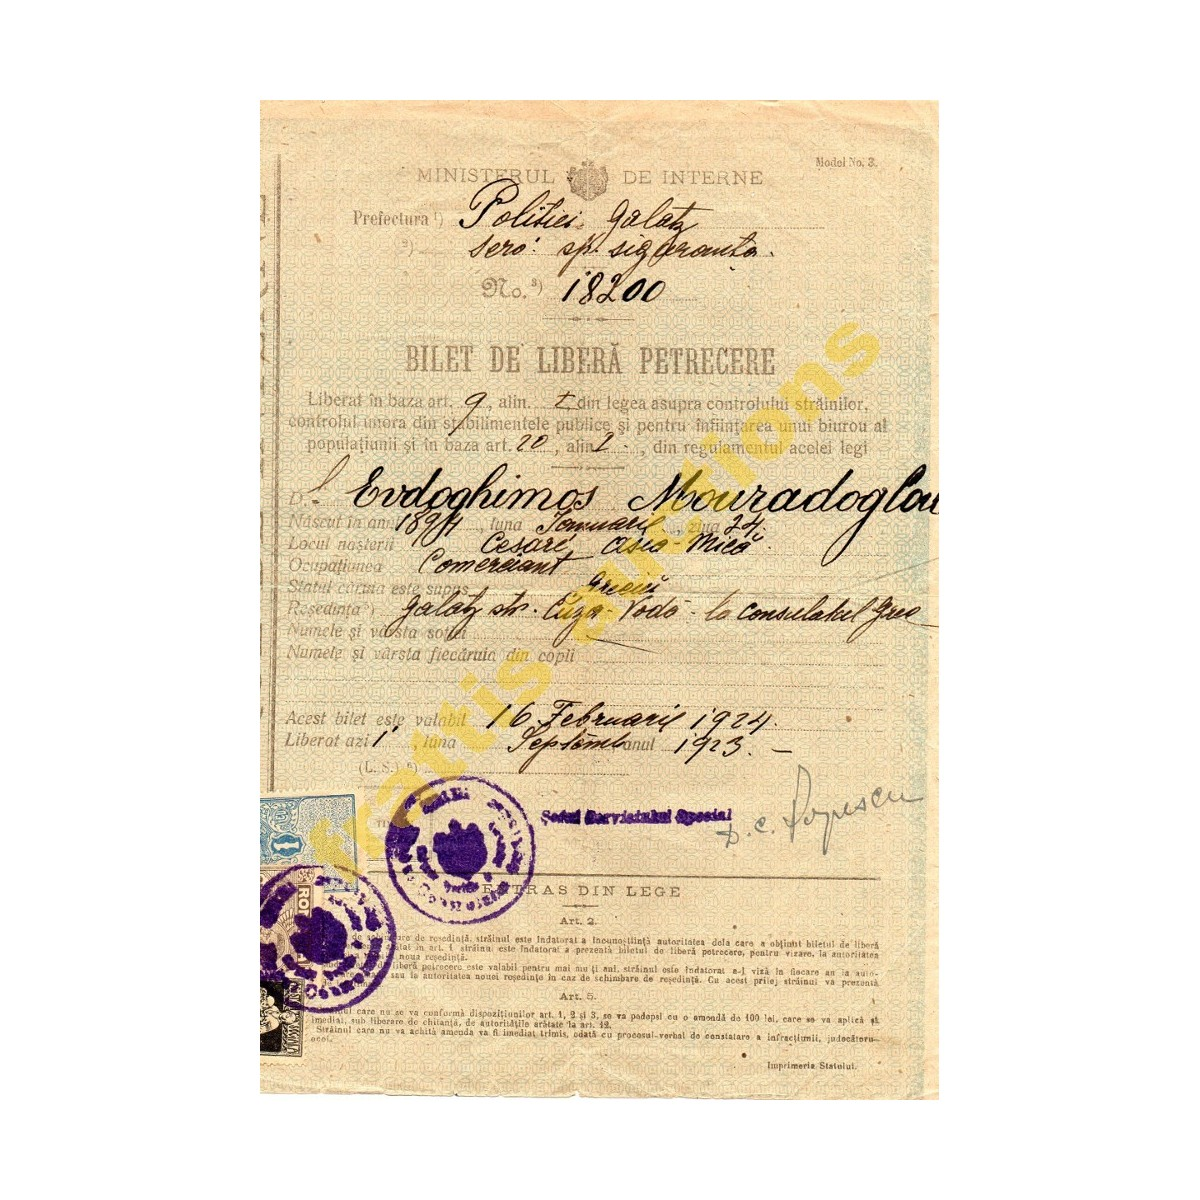 ΥΠΟΥΡΓΕΙΟ ΕΣΩΤΕΡΙΚΩΝ ΡΟΥΜΑΝΙΑΣ έγγραφο ελευθέρας εισόδου. 1923.